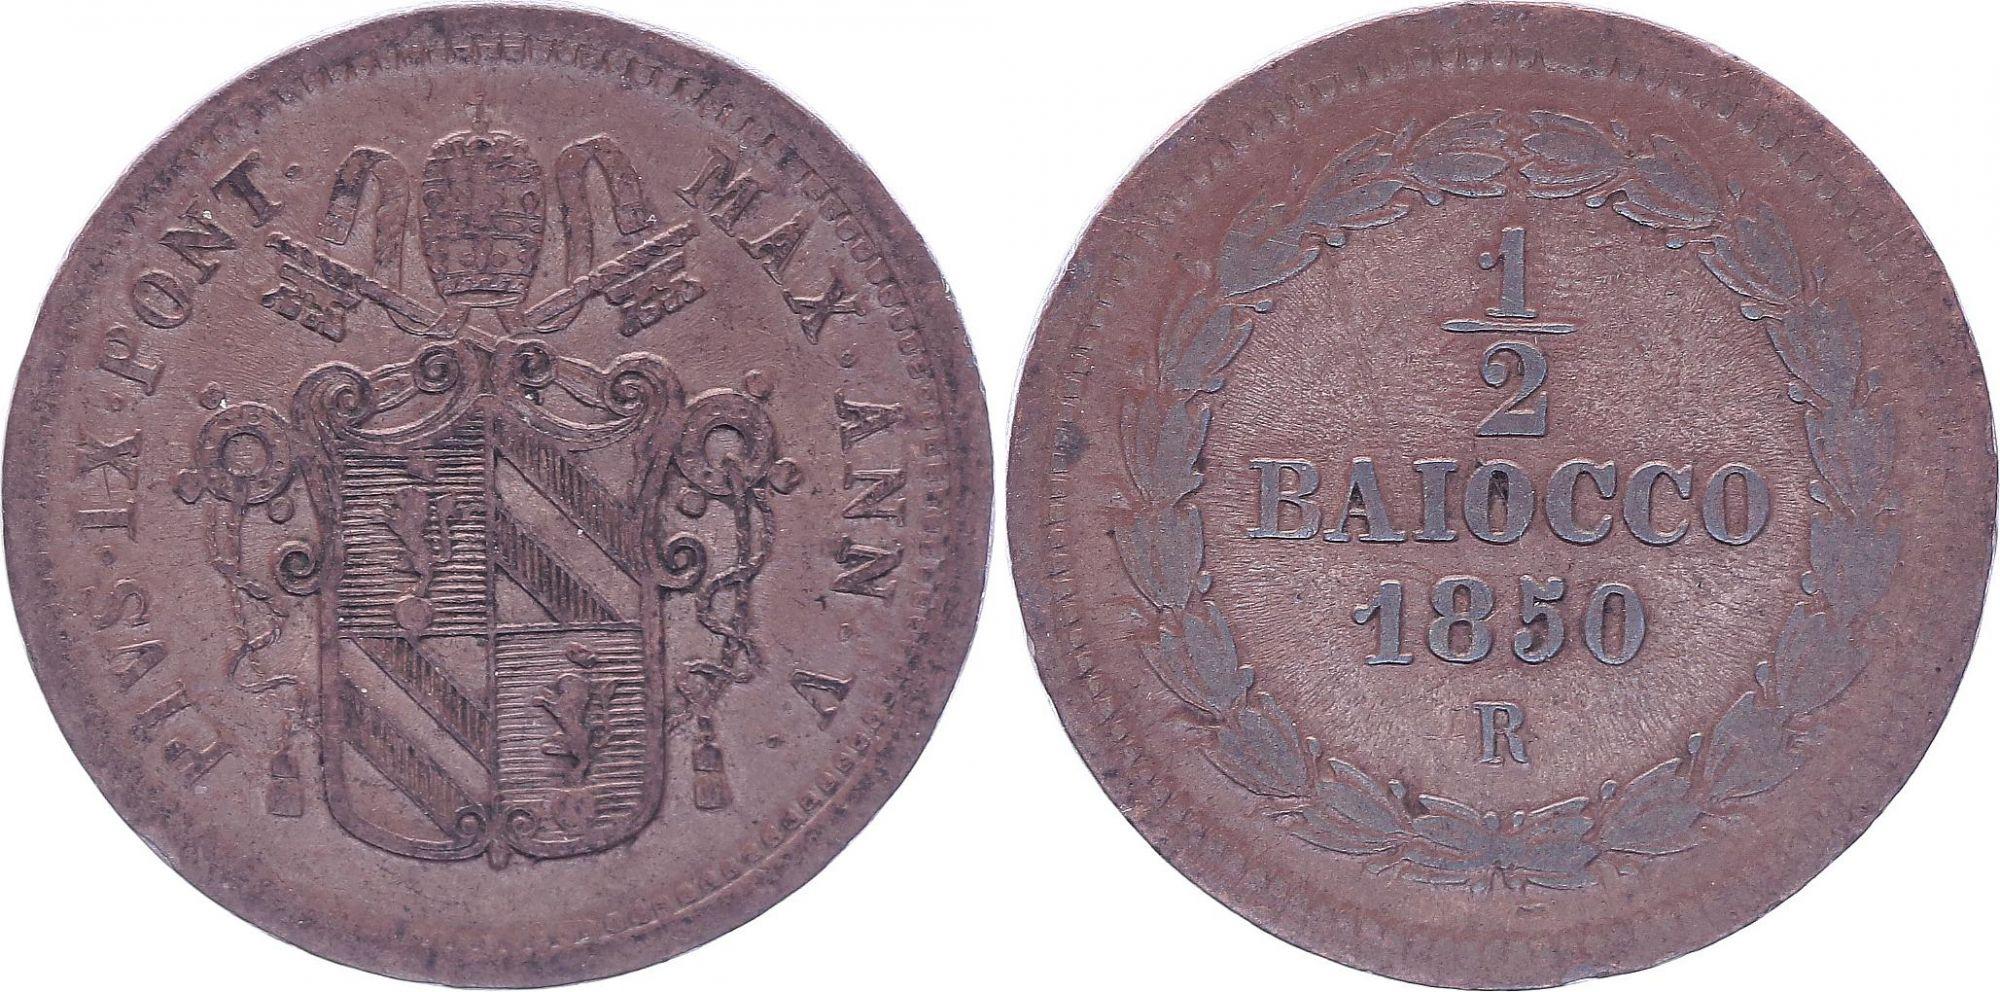 Etat Pontifical 1/2 Baiocco  - Pivs IX - 1850 R V